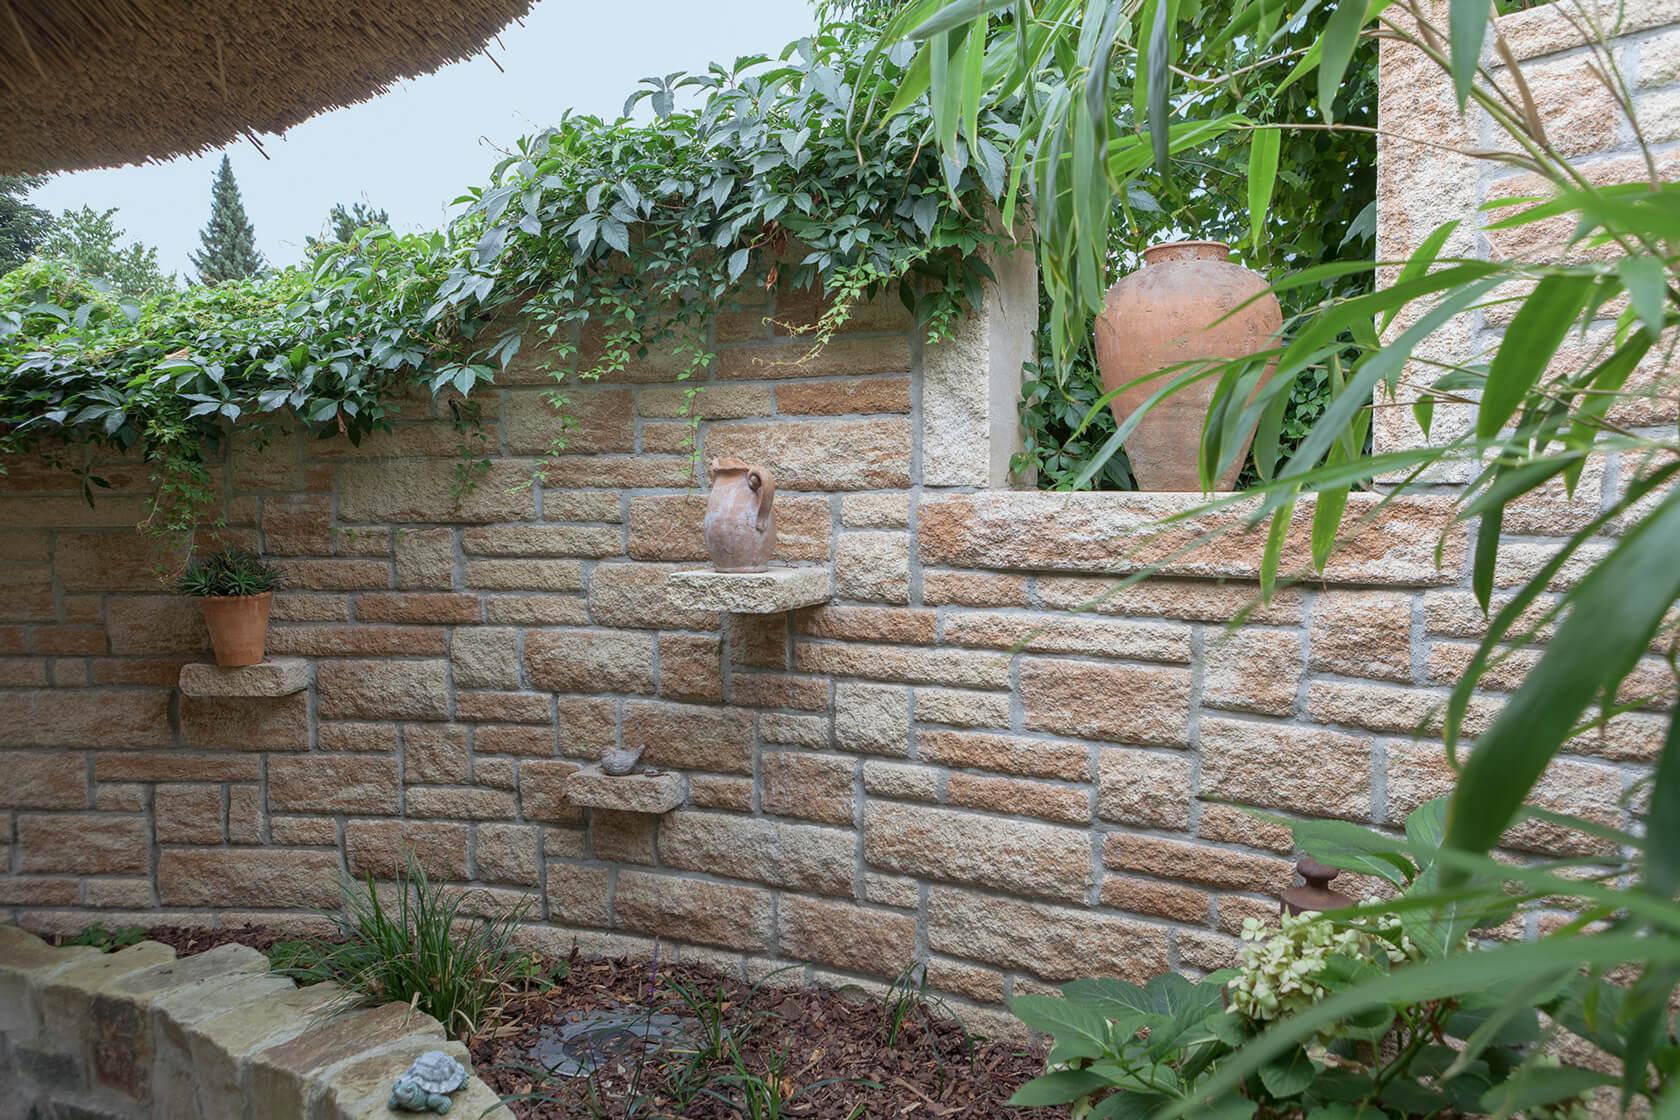 Gartengestaltung im mediterranen Stil mit einer wild aufgesetzten Steinmauer.